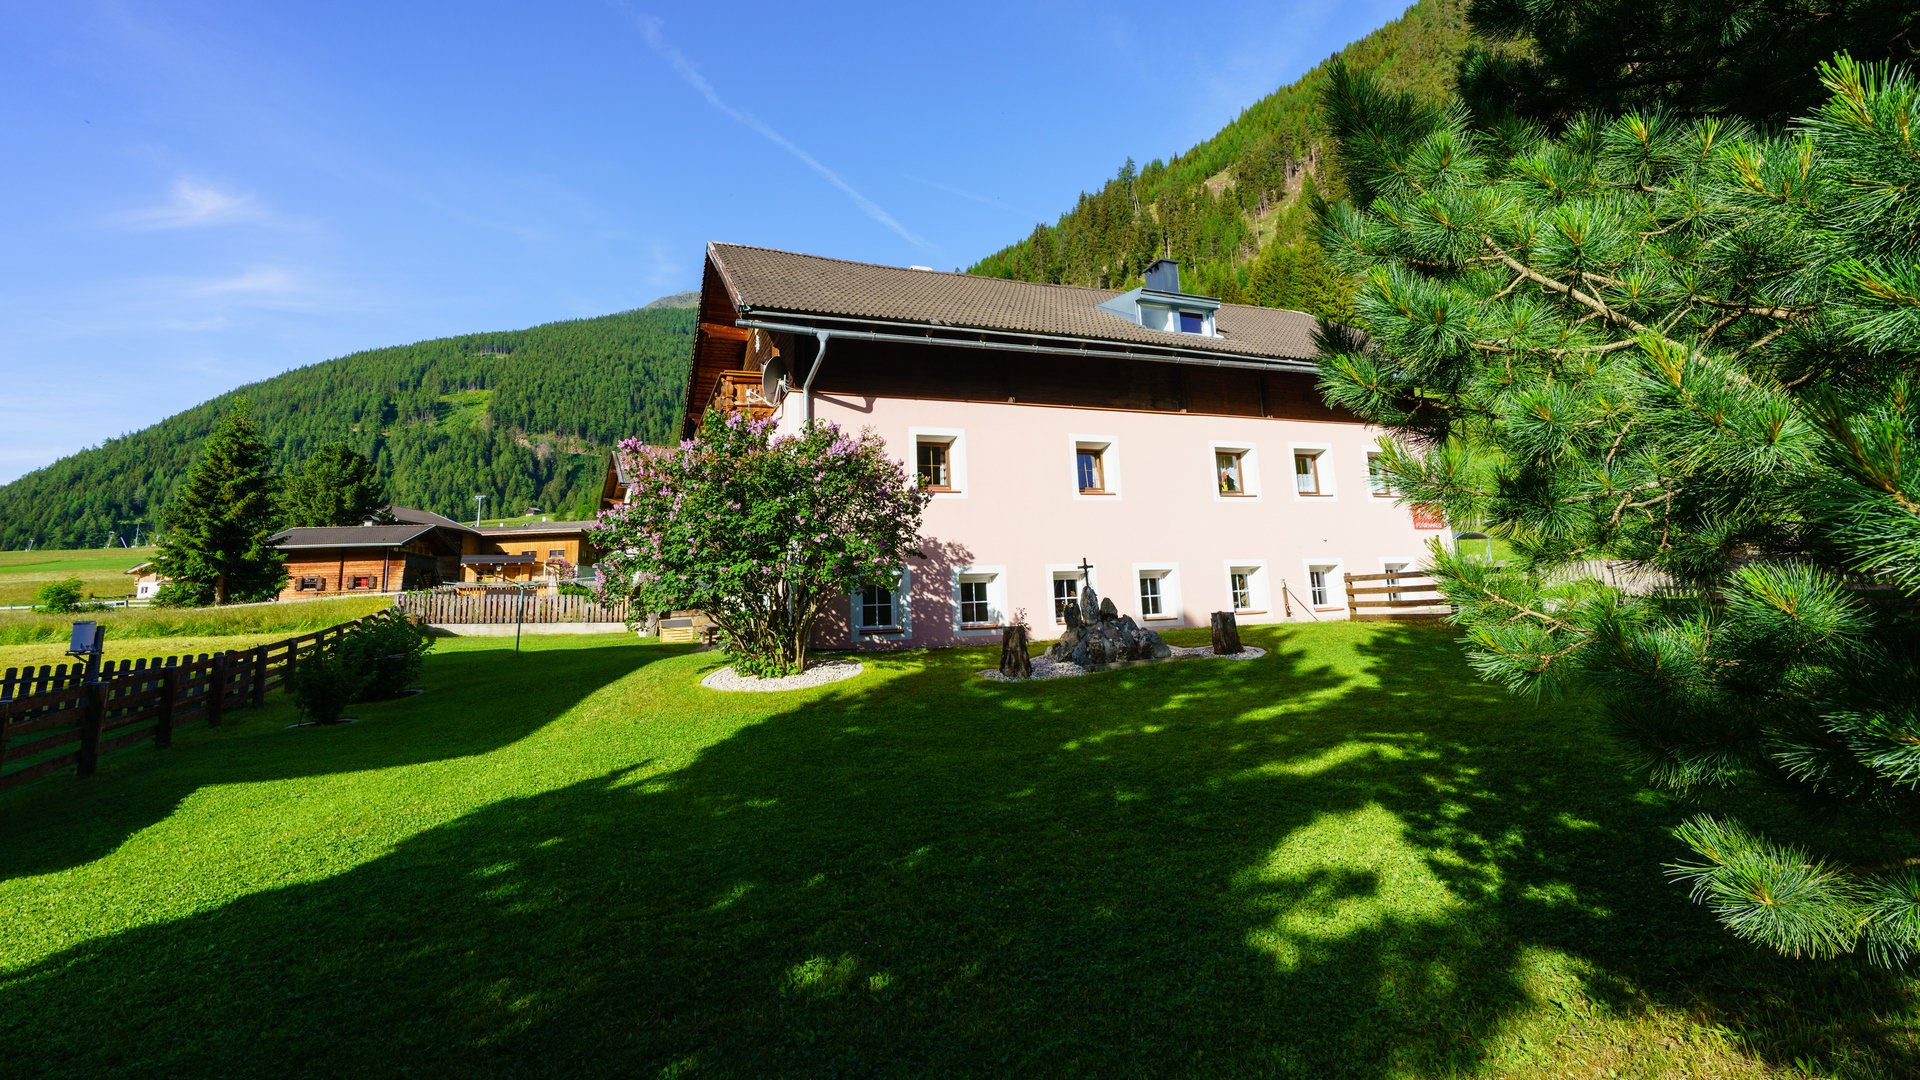 Ferienhaus Meins, Osttirol